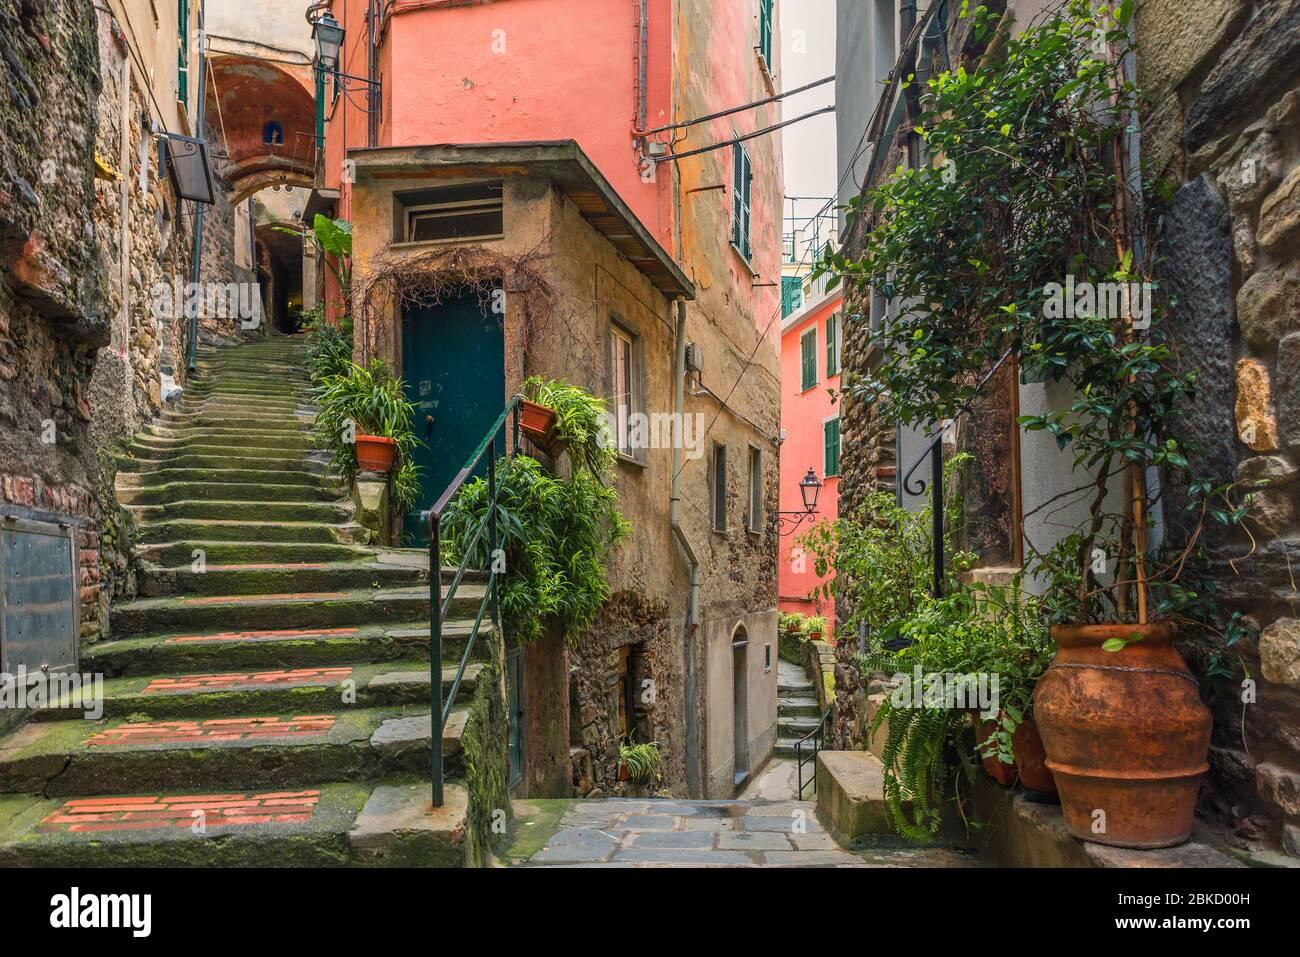 Ancienne rue italienne de la ville Vernazza avec escaliers médiévaux et pots avec plantes vertes avec personne sur la côte de Cinque Terre, Ligurie, Italie, Europe Banque D'Images